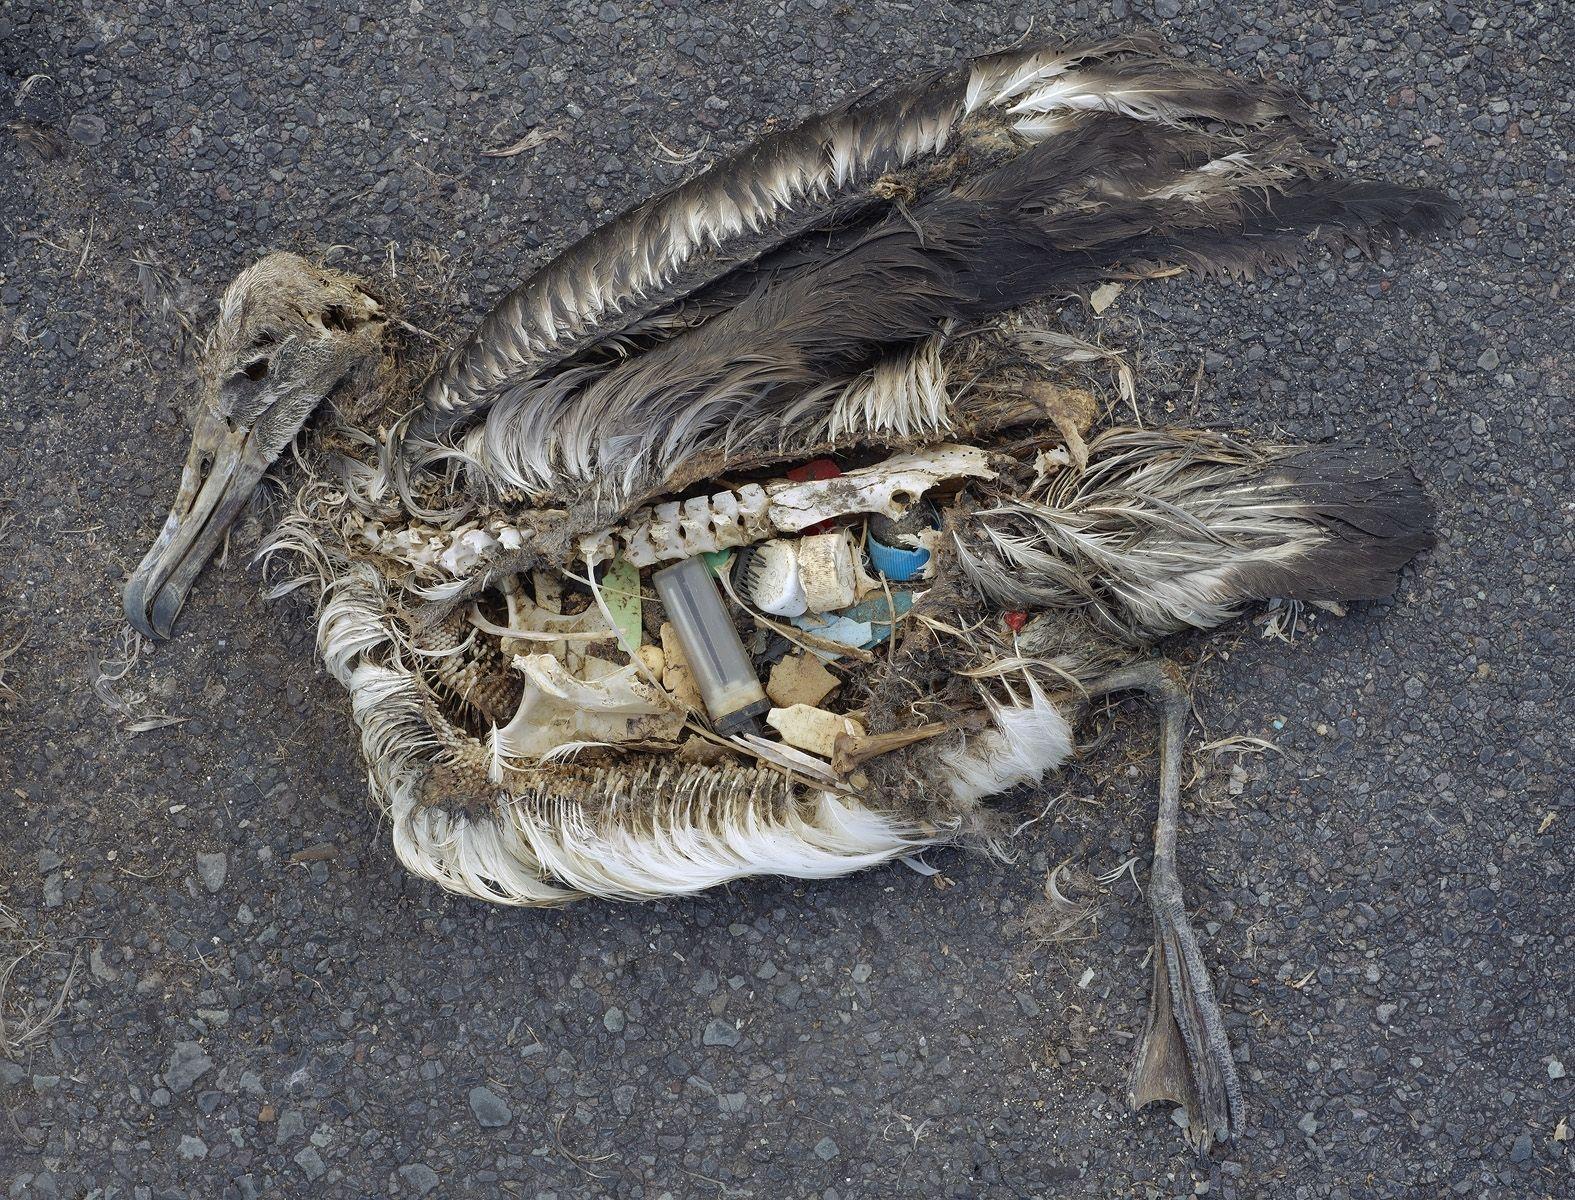 Denne albatrossen har fått mye plast i seg. Foto: Chris Jordan, Creative Commons